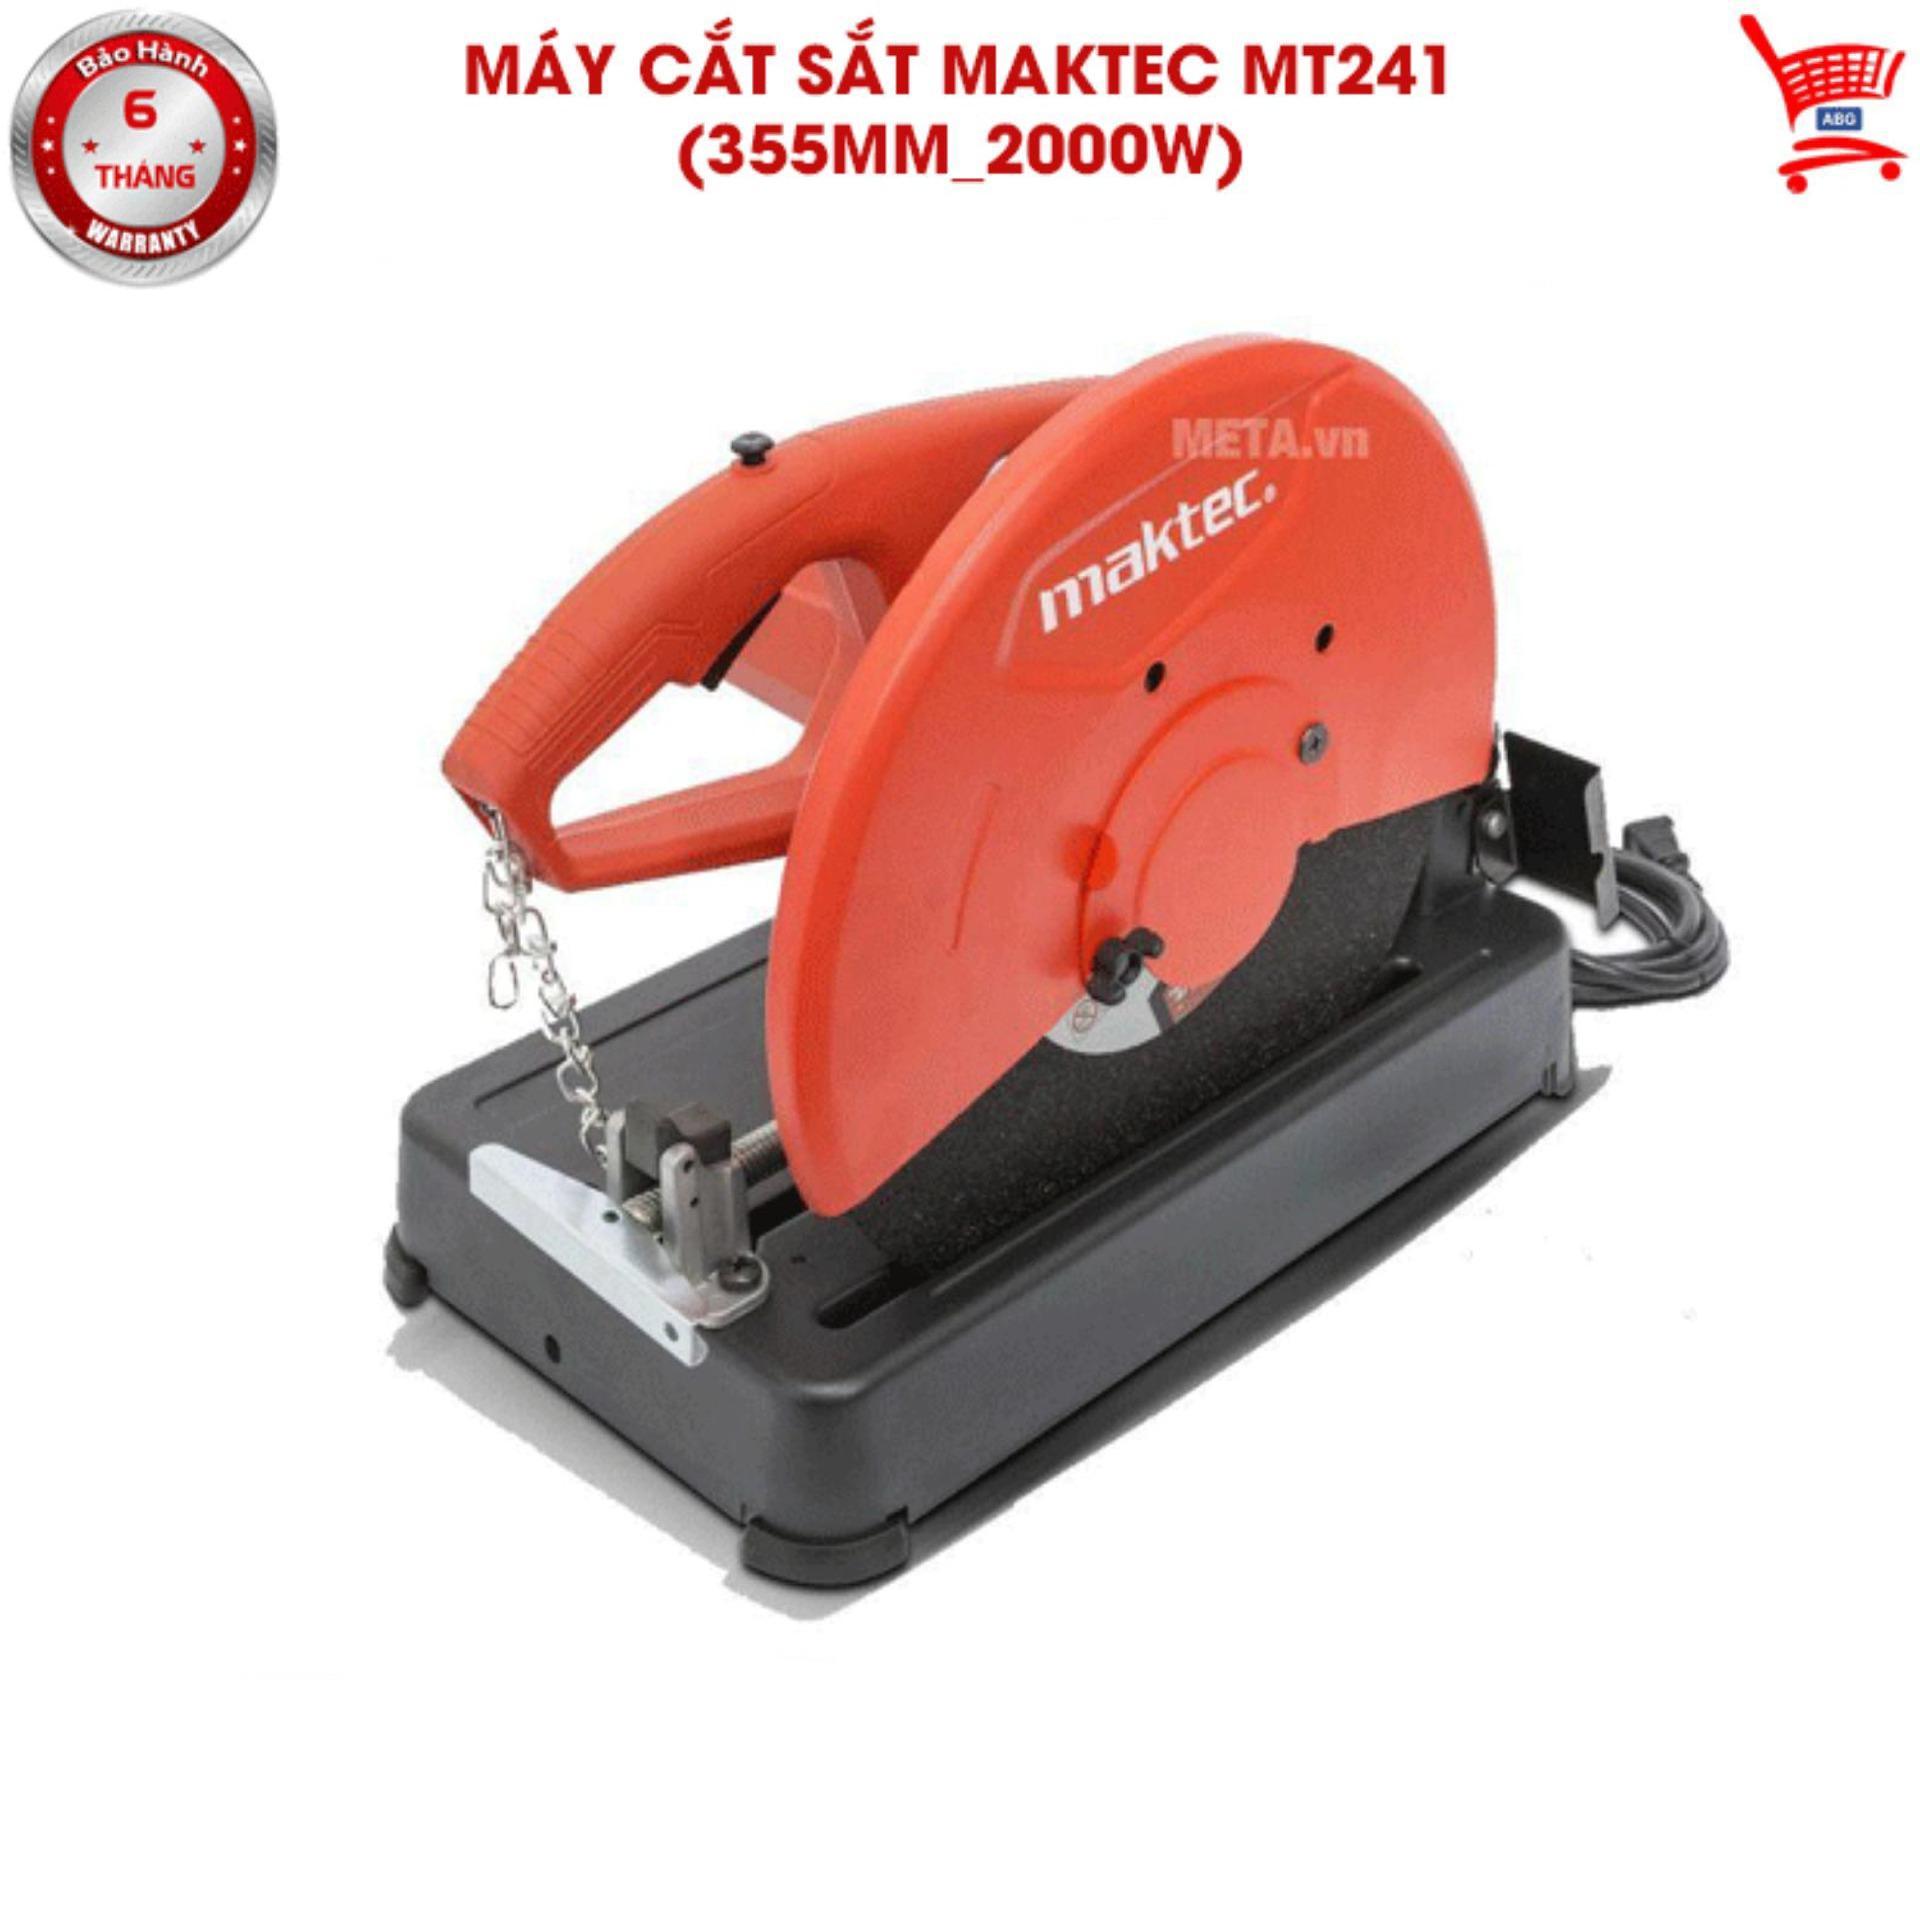 Máy cắt sắt MAKTEC MT241 (355MM_2000W) -ABG SHOP